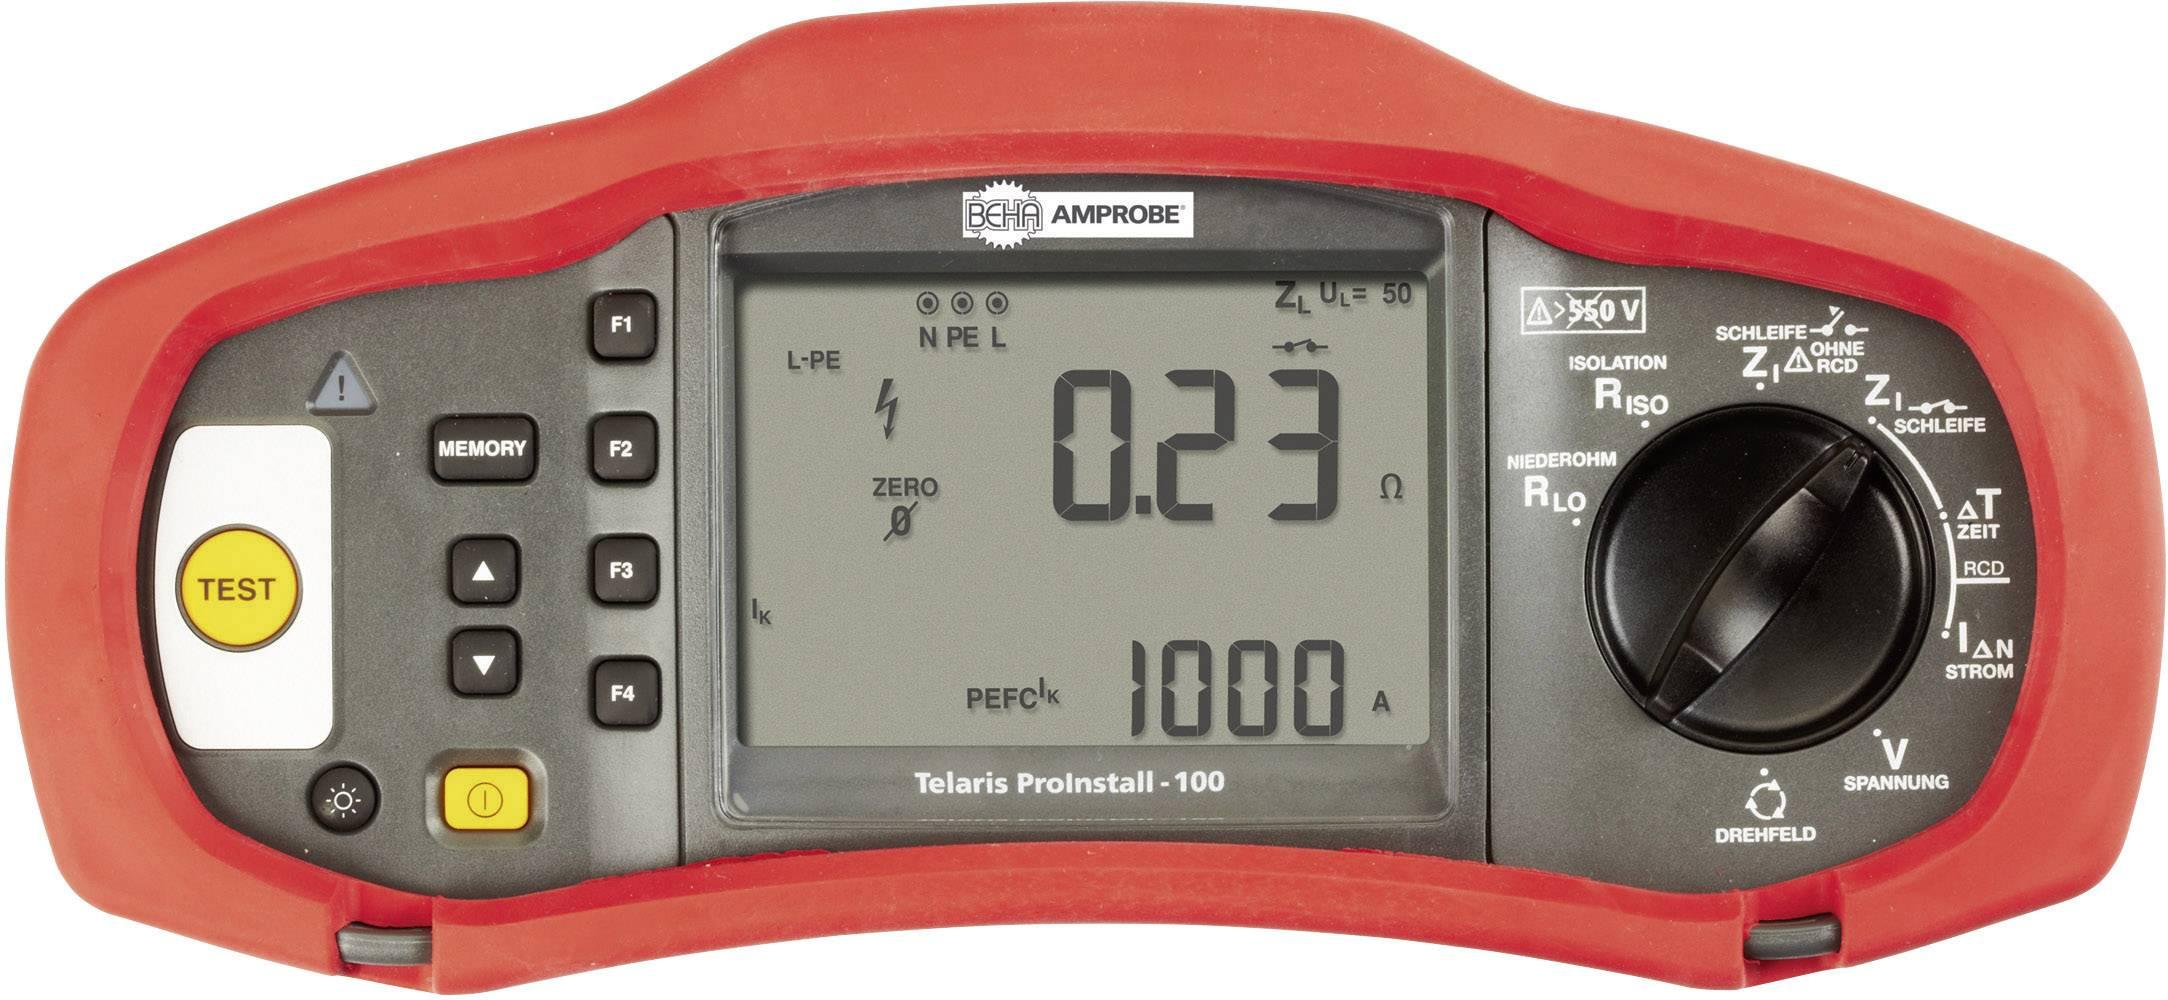 Revízny prístroj Beha AMPROBE TELARIS Proinstall 100-D, 4373971